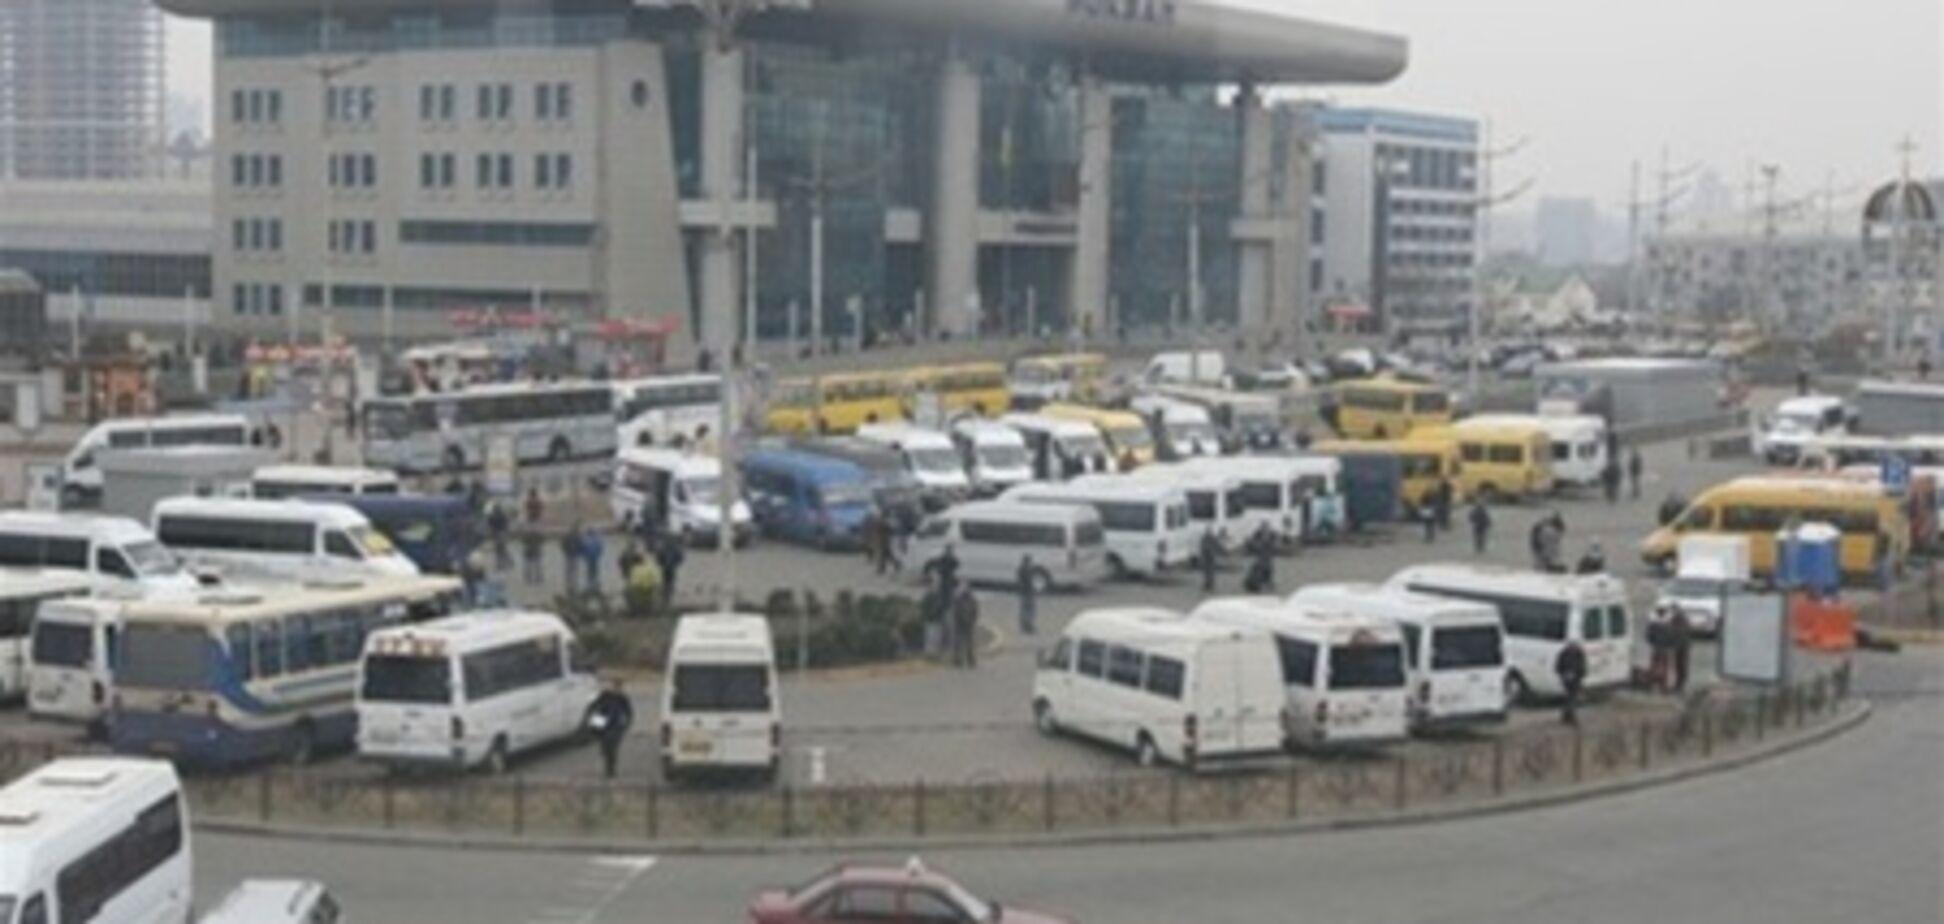 От киевского ж/д вокзала ездят опасные маршрутки - прокуратура